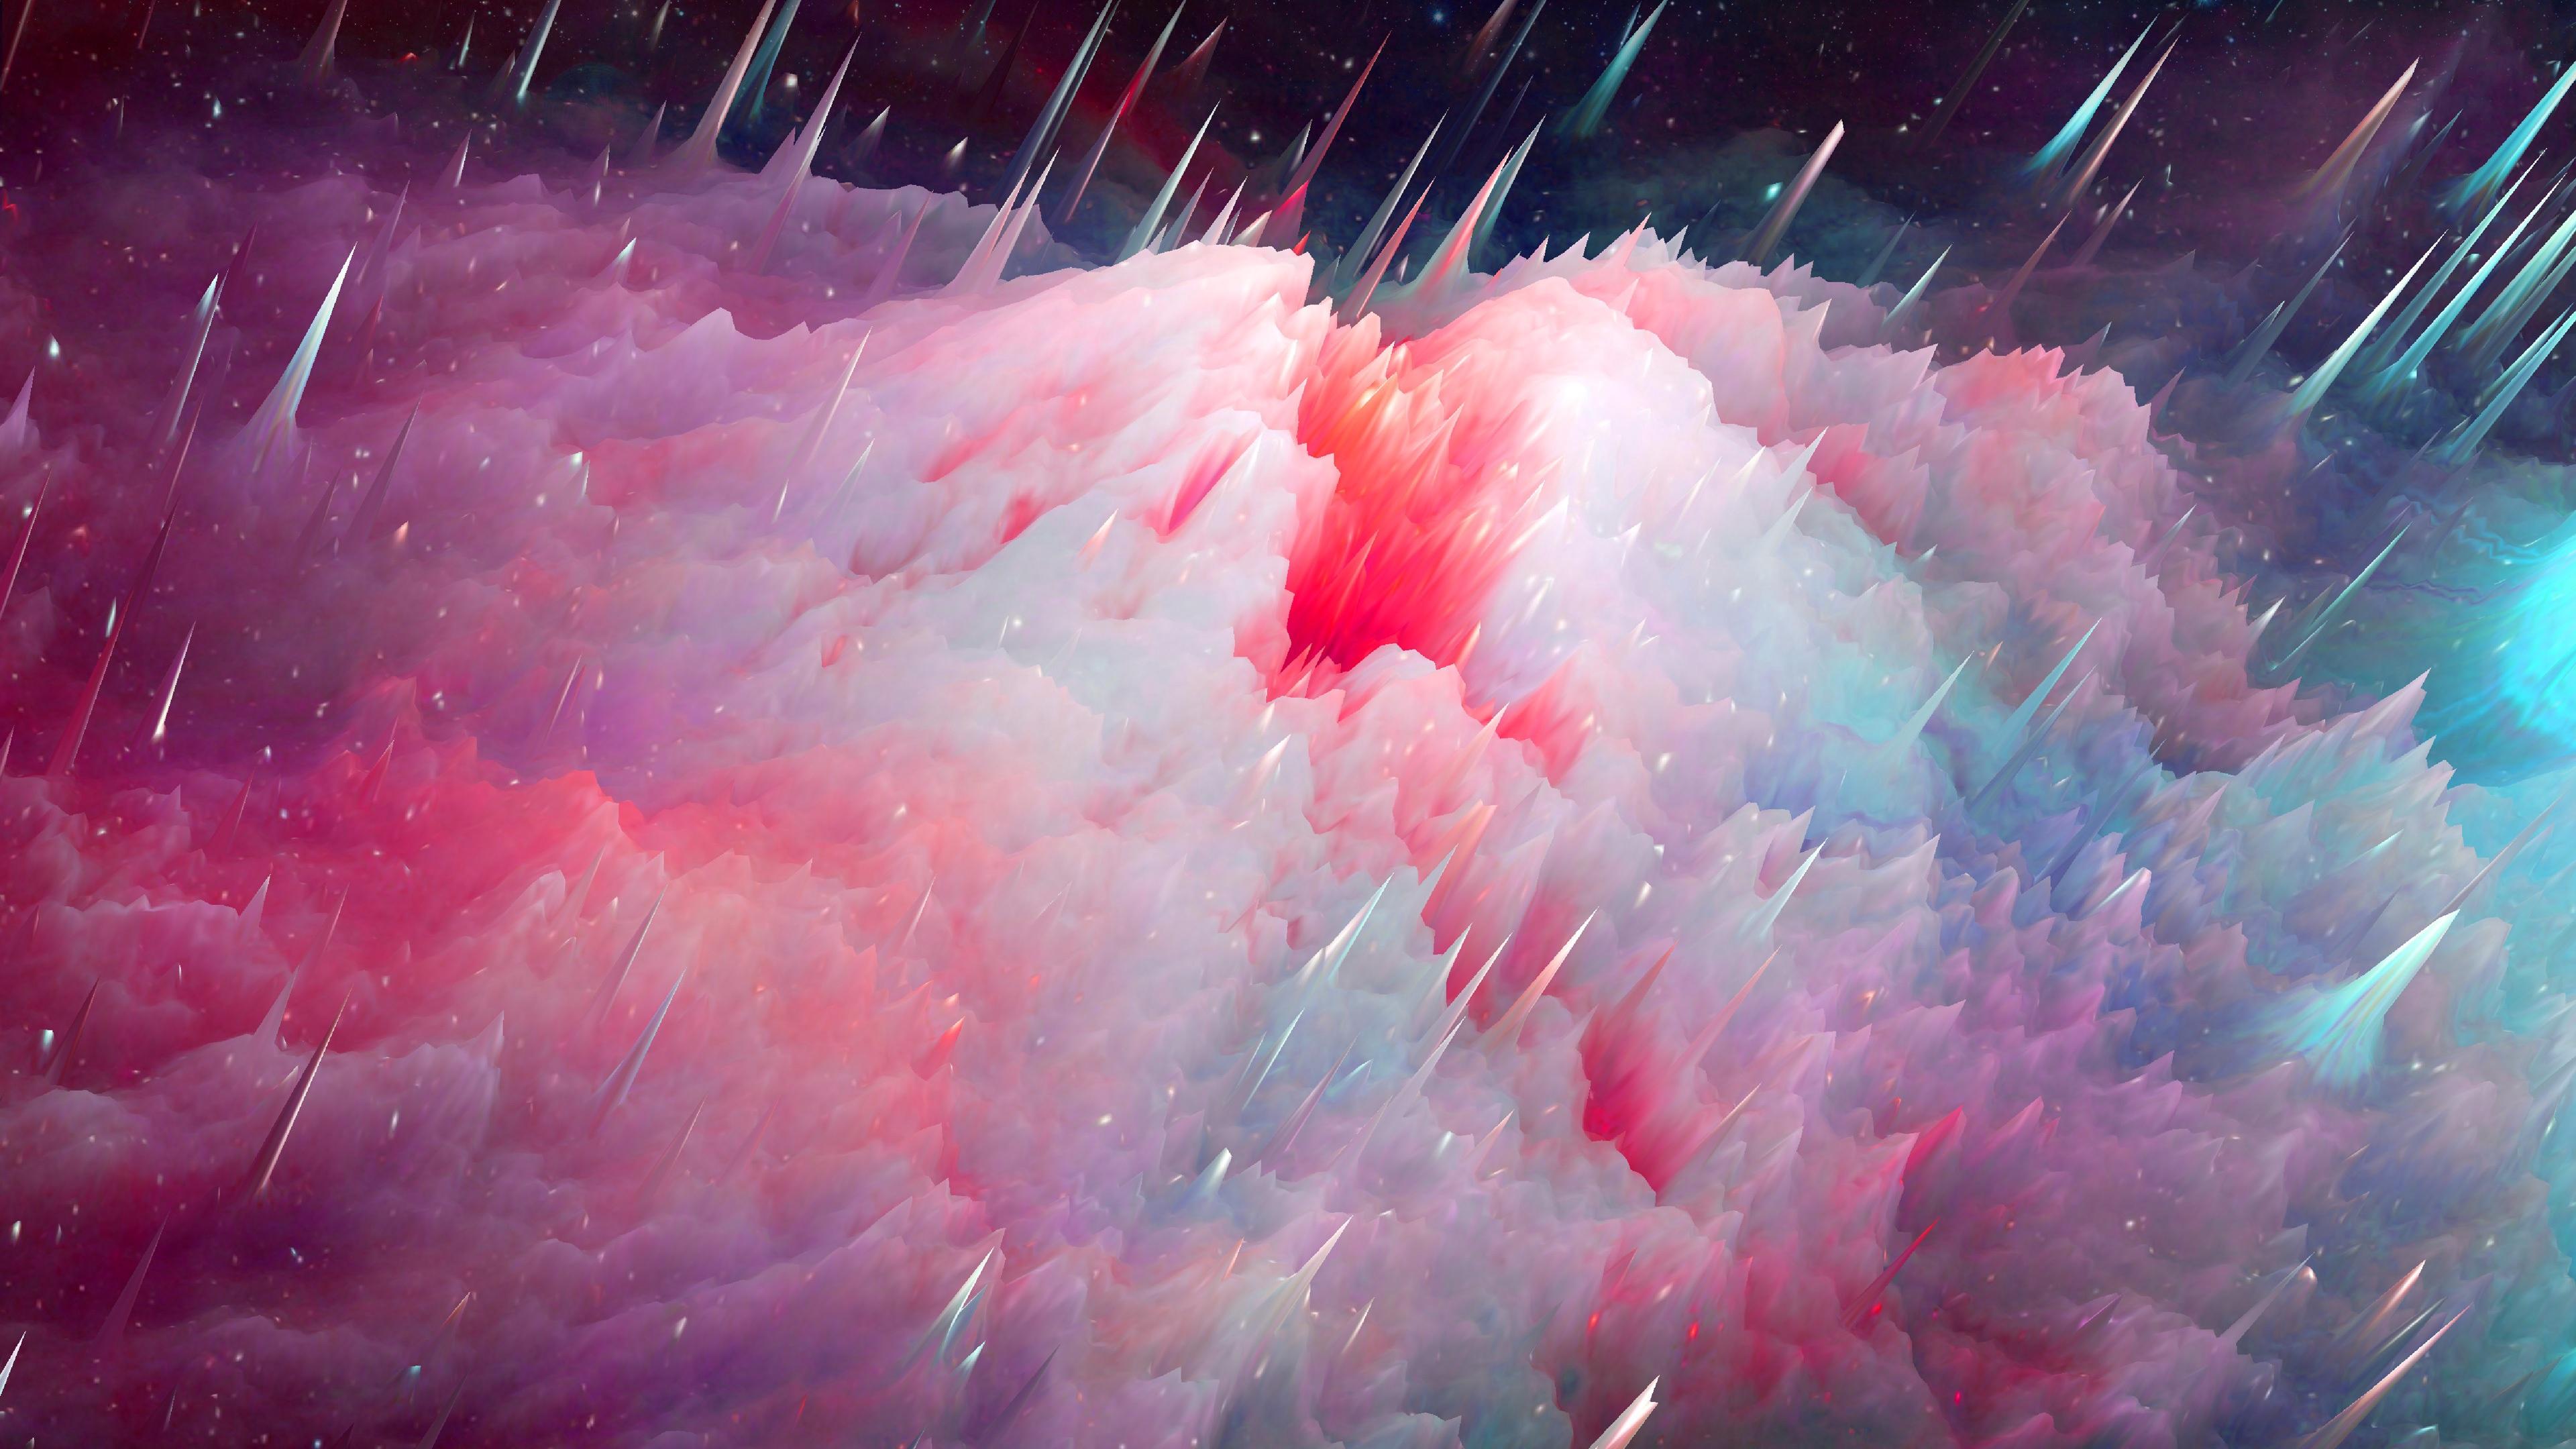 space art nebula universe 4k 1536098401 - space, art, nebula, universe 4k - Space, Nebula, art